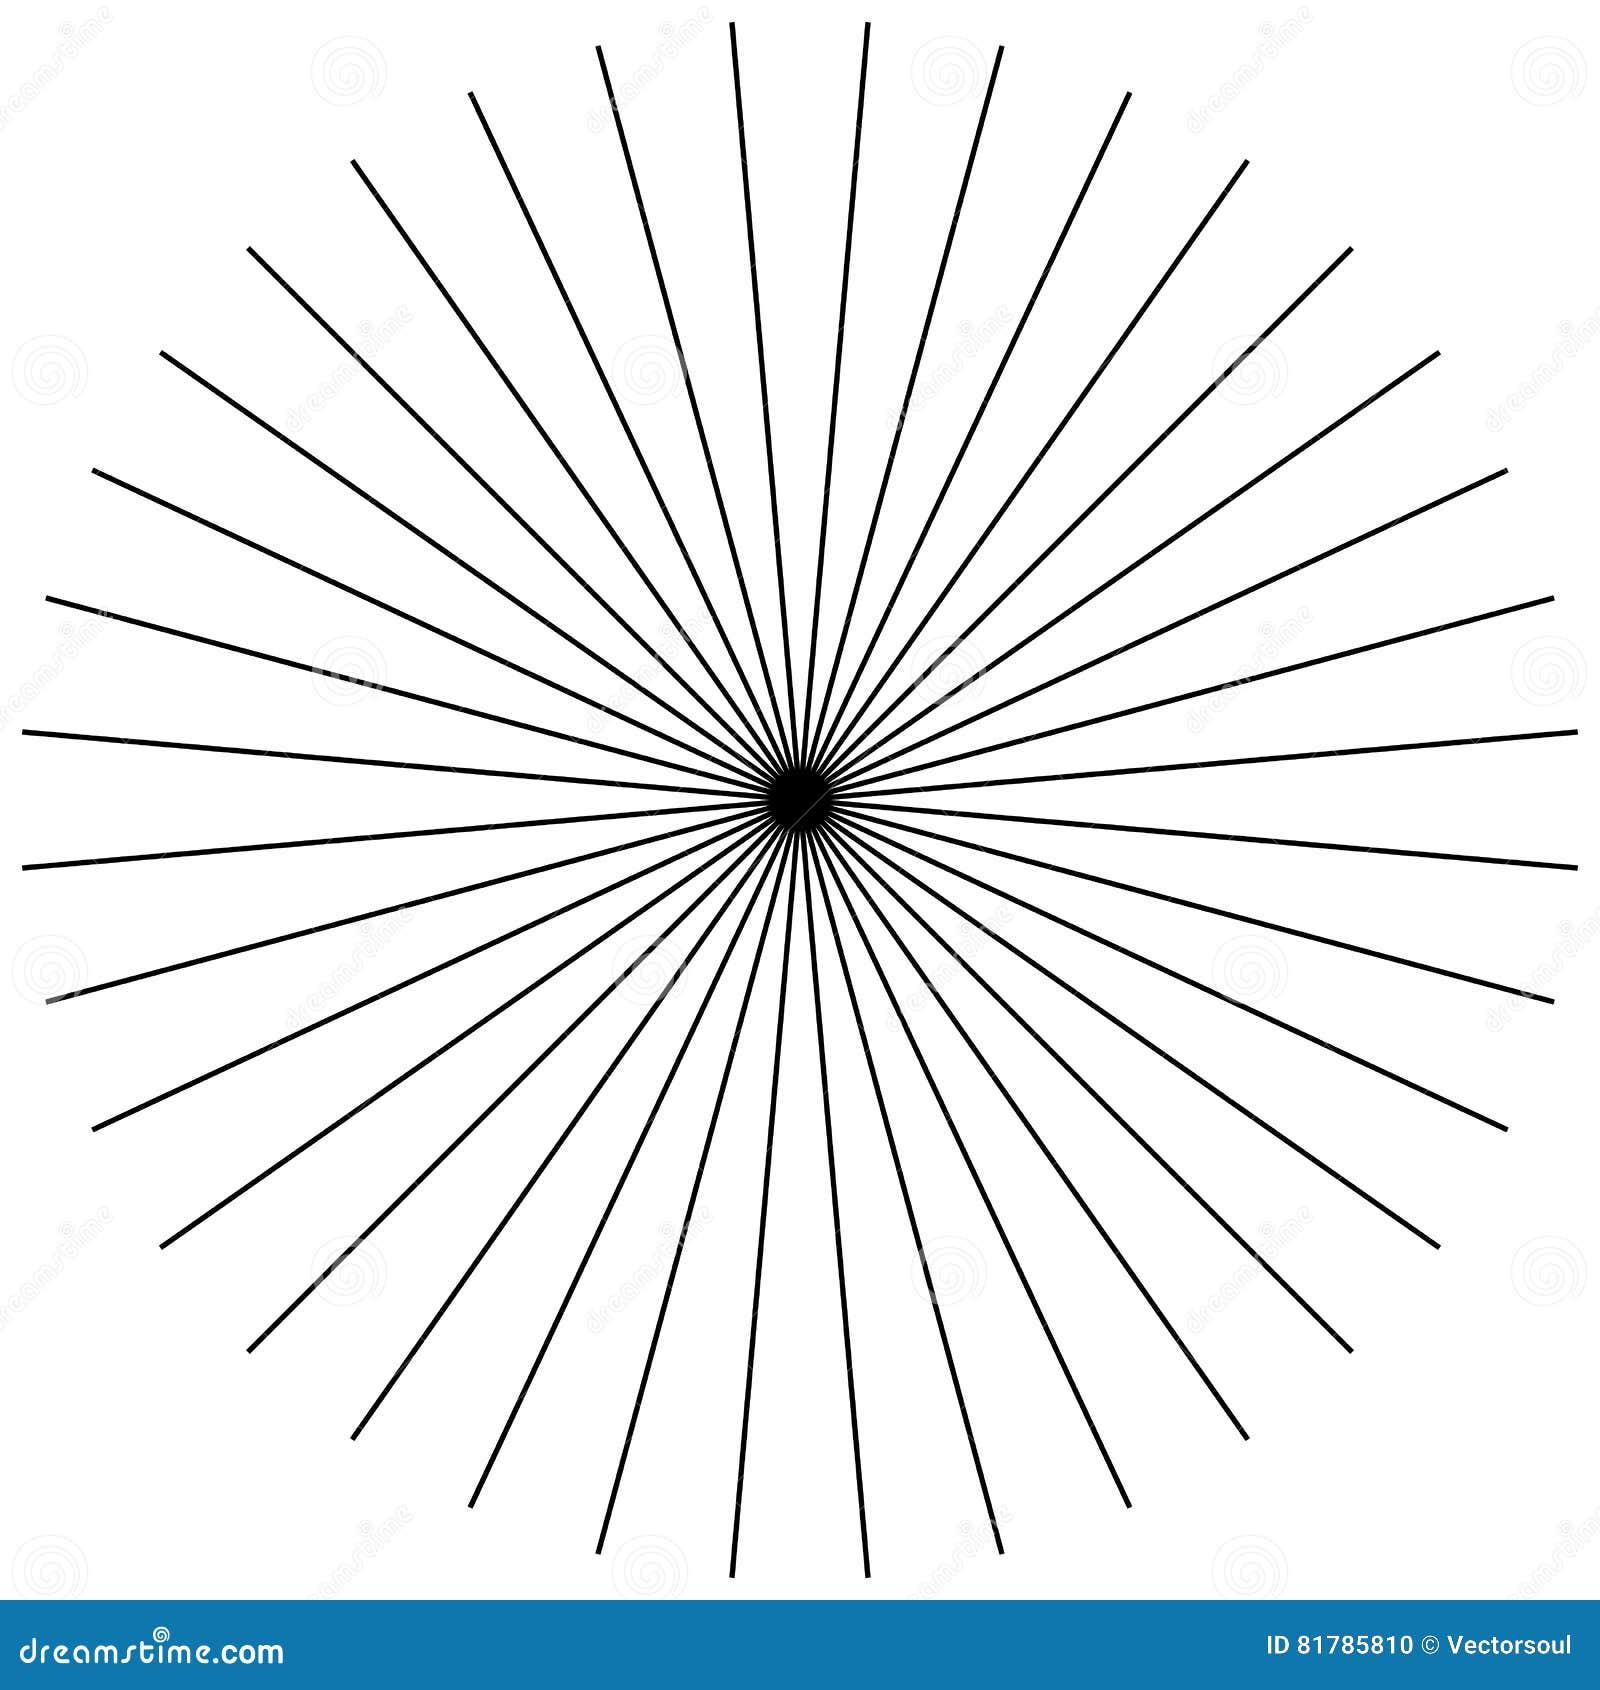 Parte radial, irradiando líneas finas rectas Blanco y negro circular